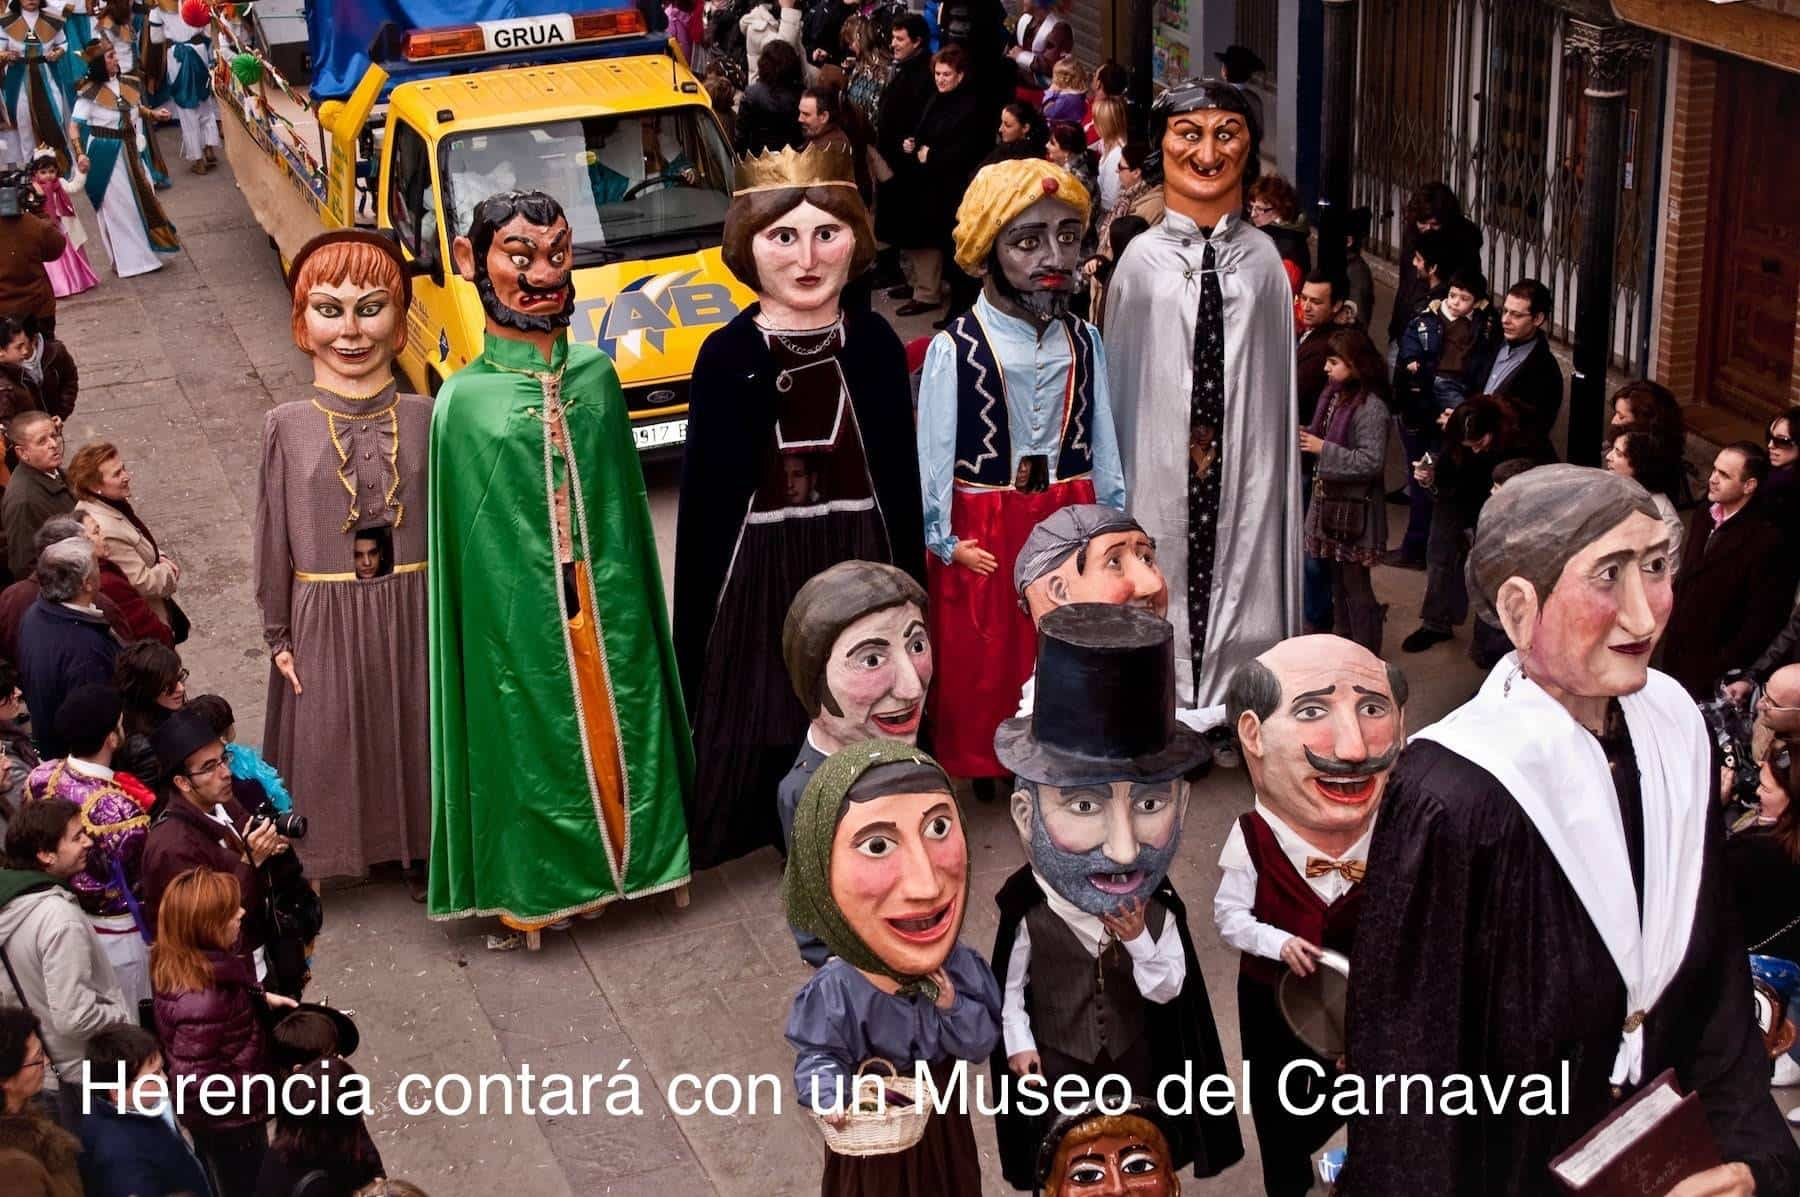 museo del carnaval de herencia ciudad real - Herencia iniciará la I Fase del futuro Museo del Carnaval